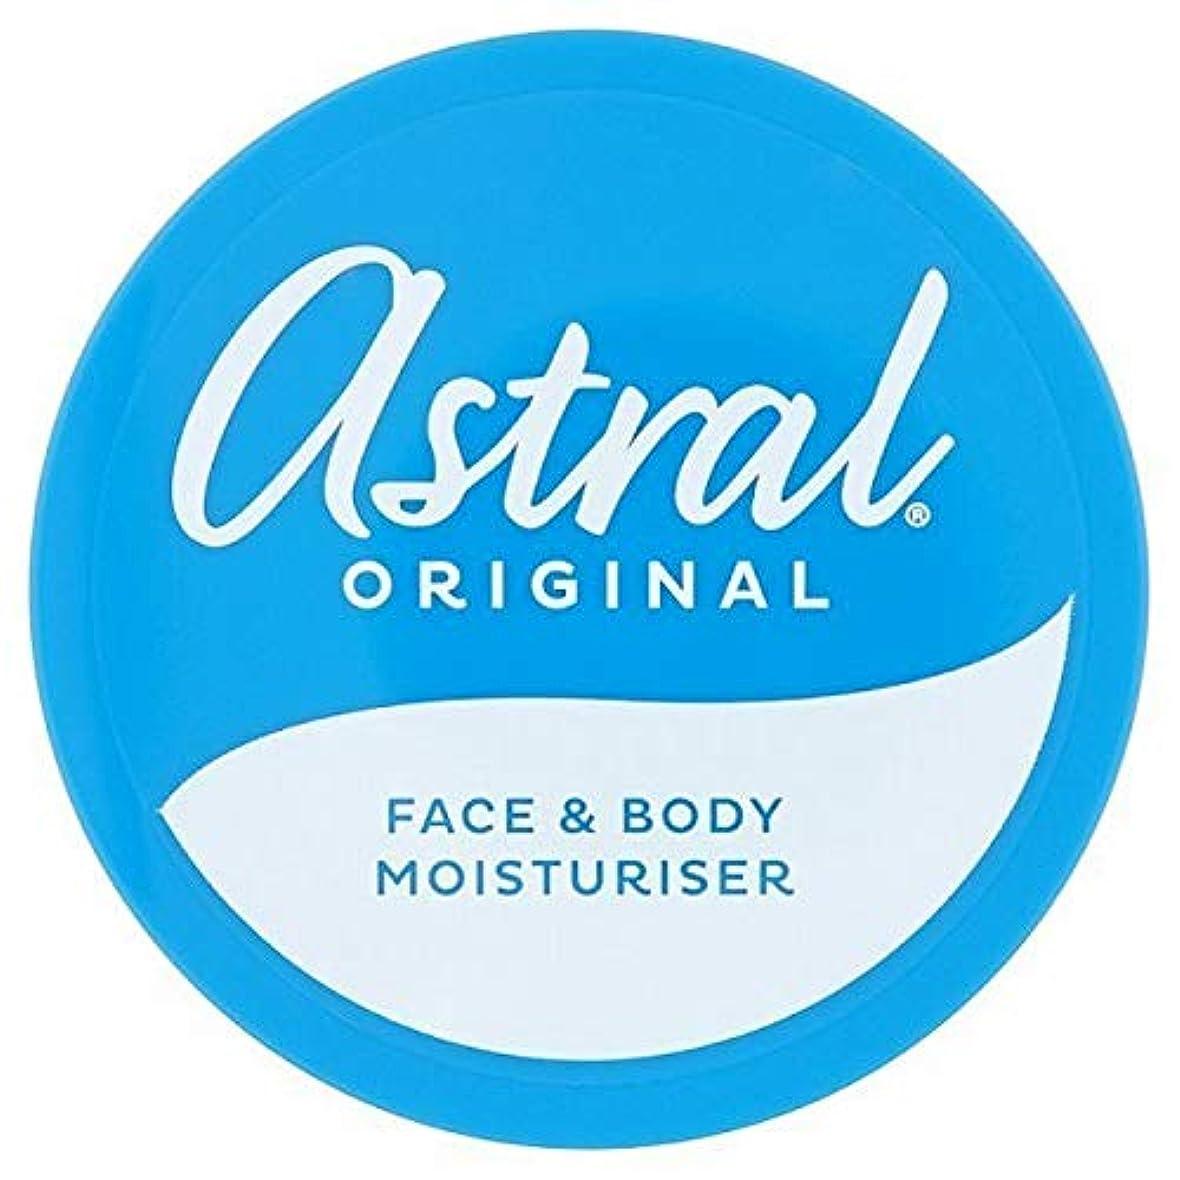 適度なハウス葬儀[Astral ] アストラルクリーム経済の200ミリリットル - Astral Cream Economy 200ml [並行輸入品]